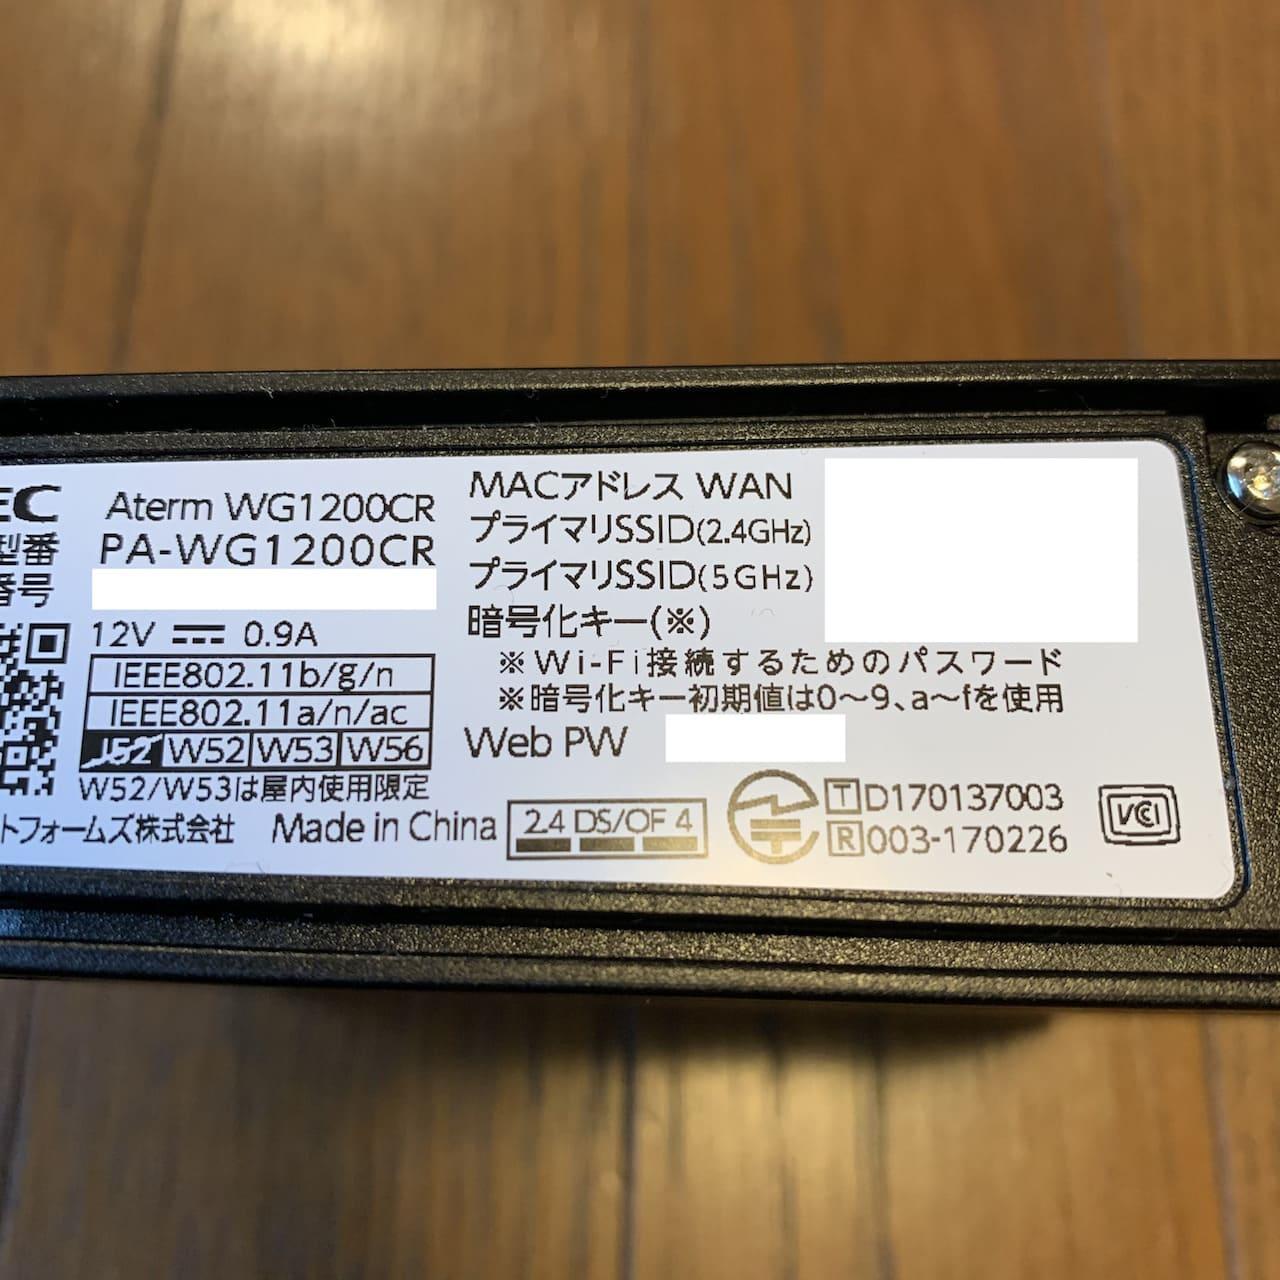 Aterm WG1200CR(PA-WG1200CR)のパスワードを入力する